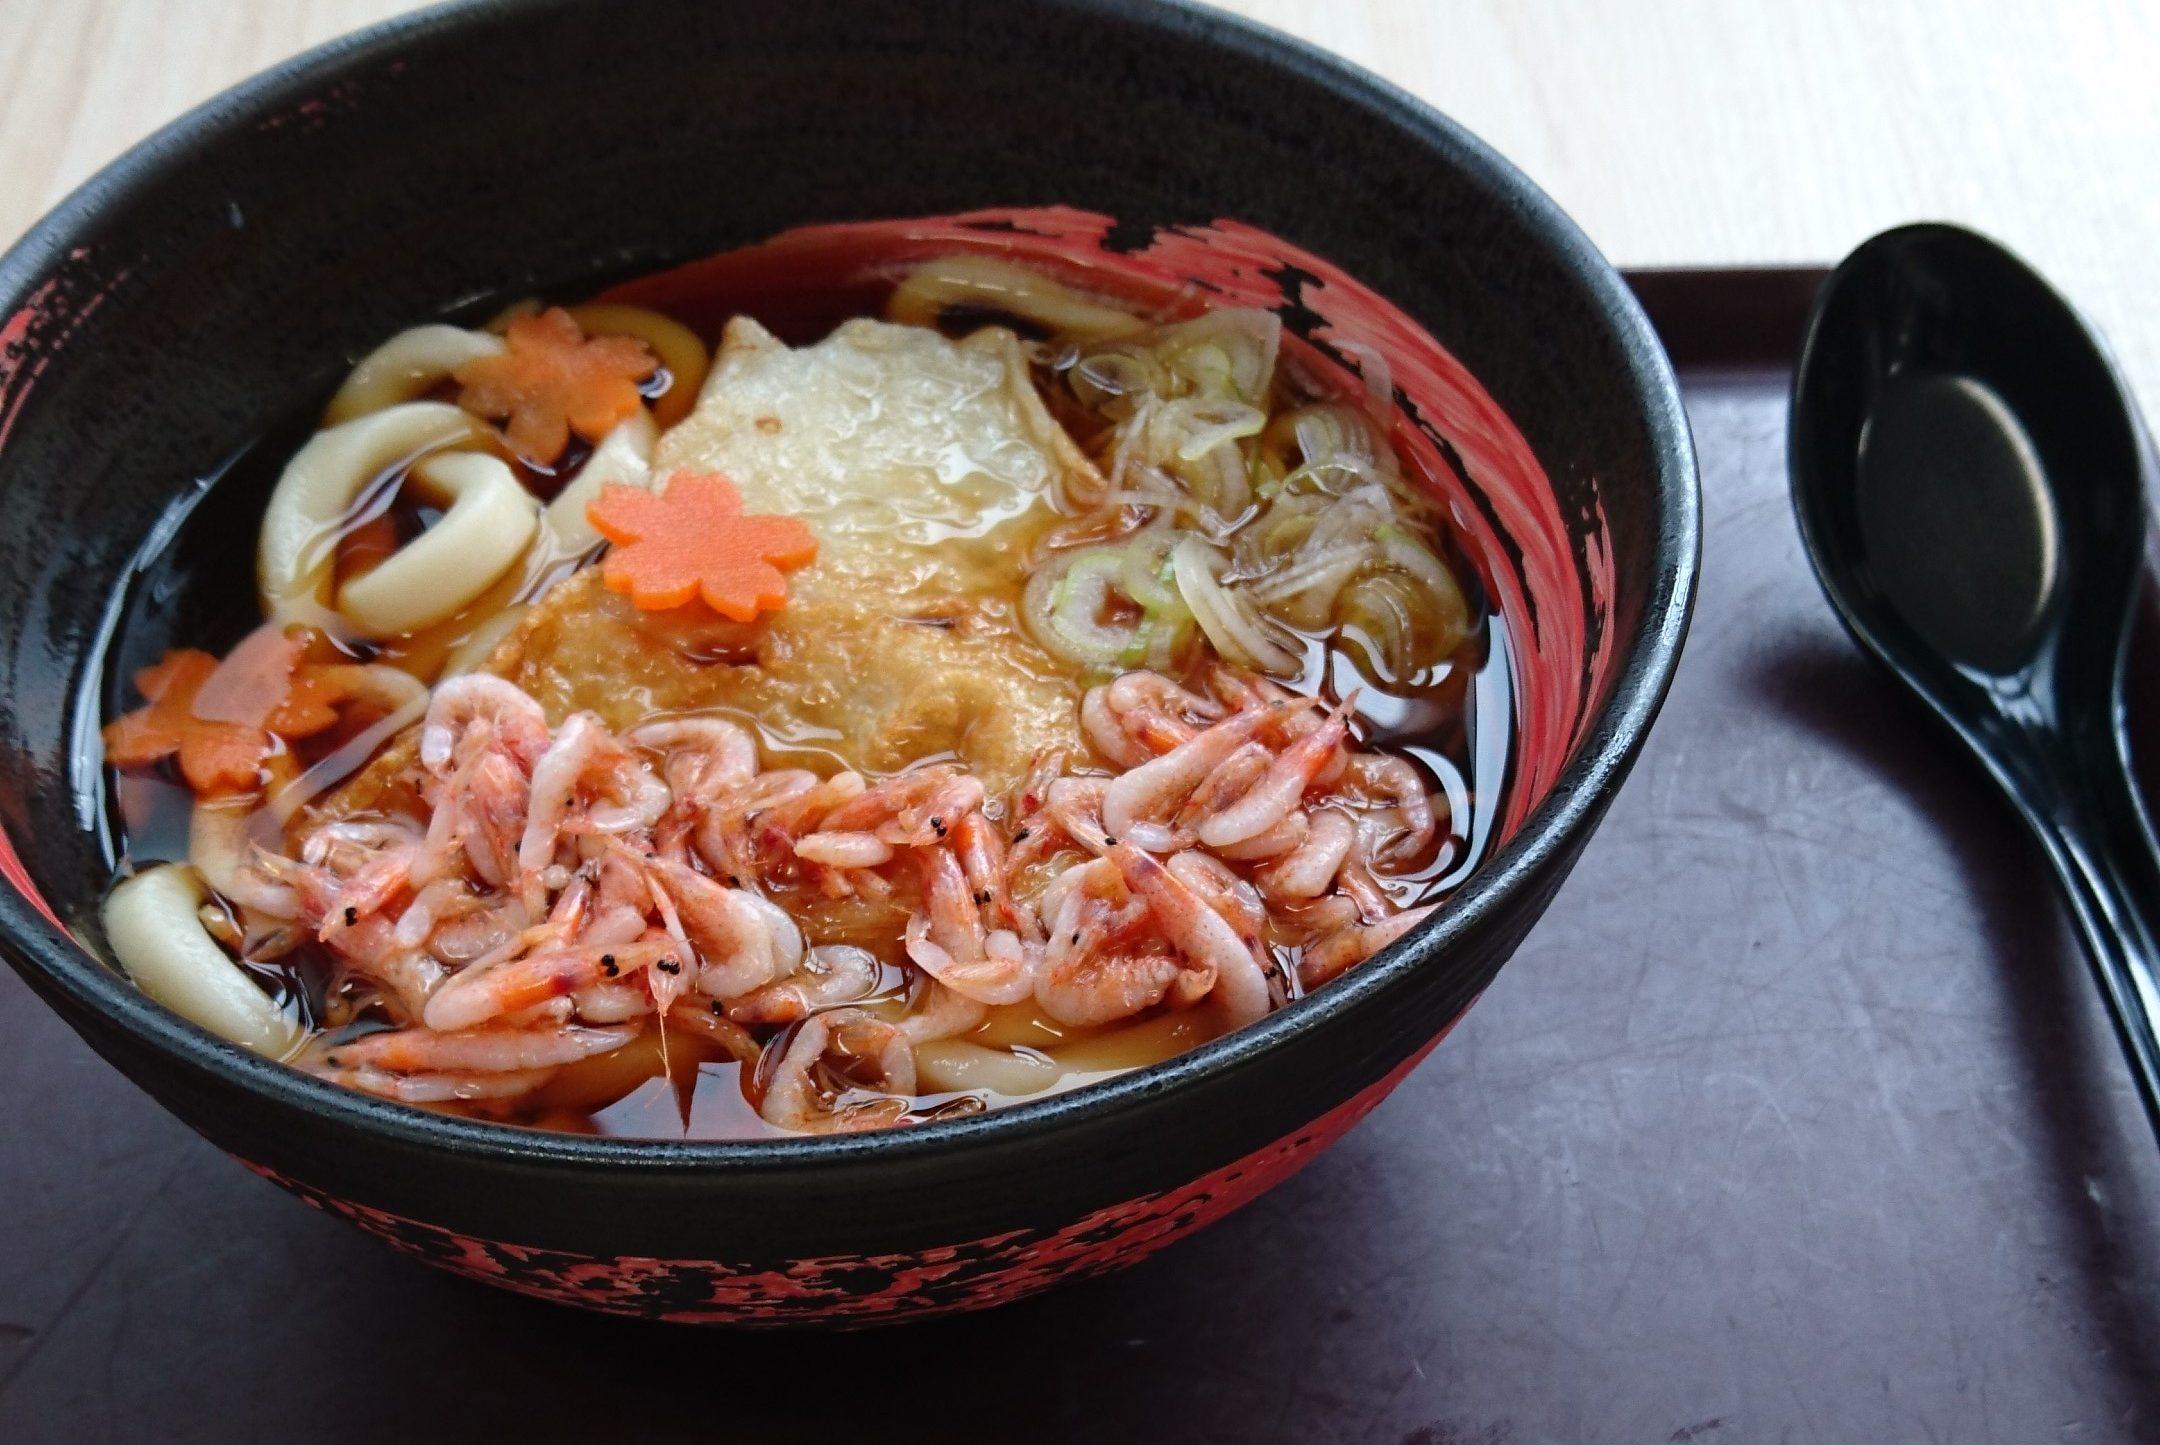 食べたら金太郎のように力が湧いてくる?!~道の駅 すばしり 富士山ごうりきうどん~